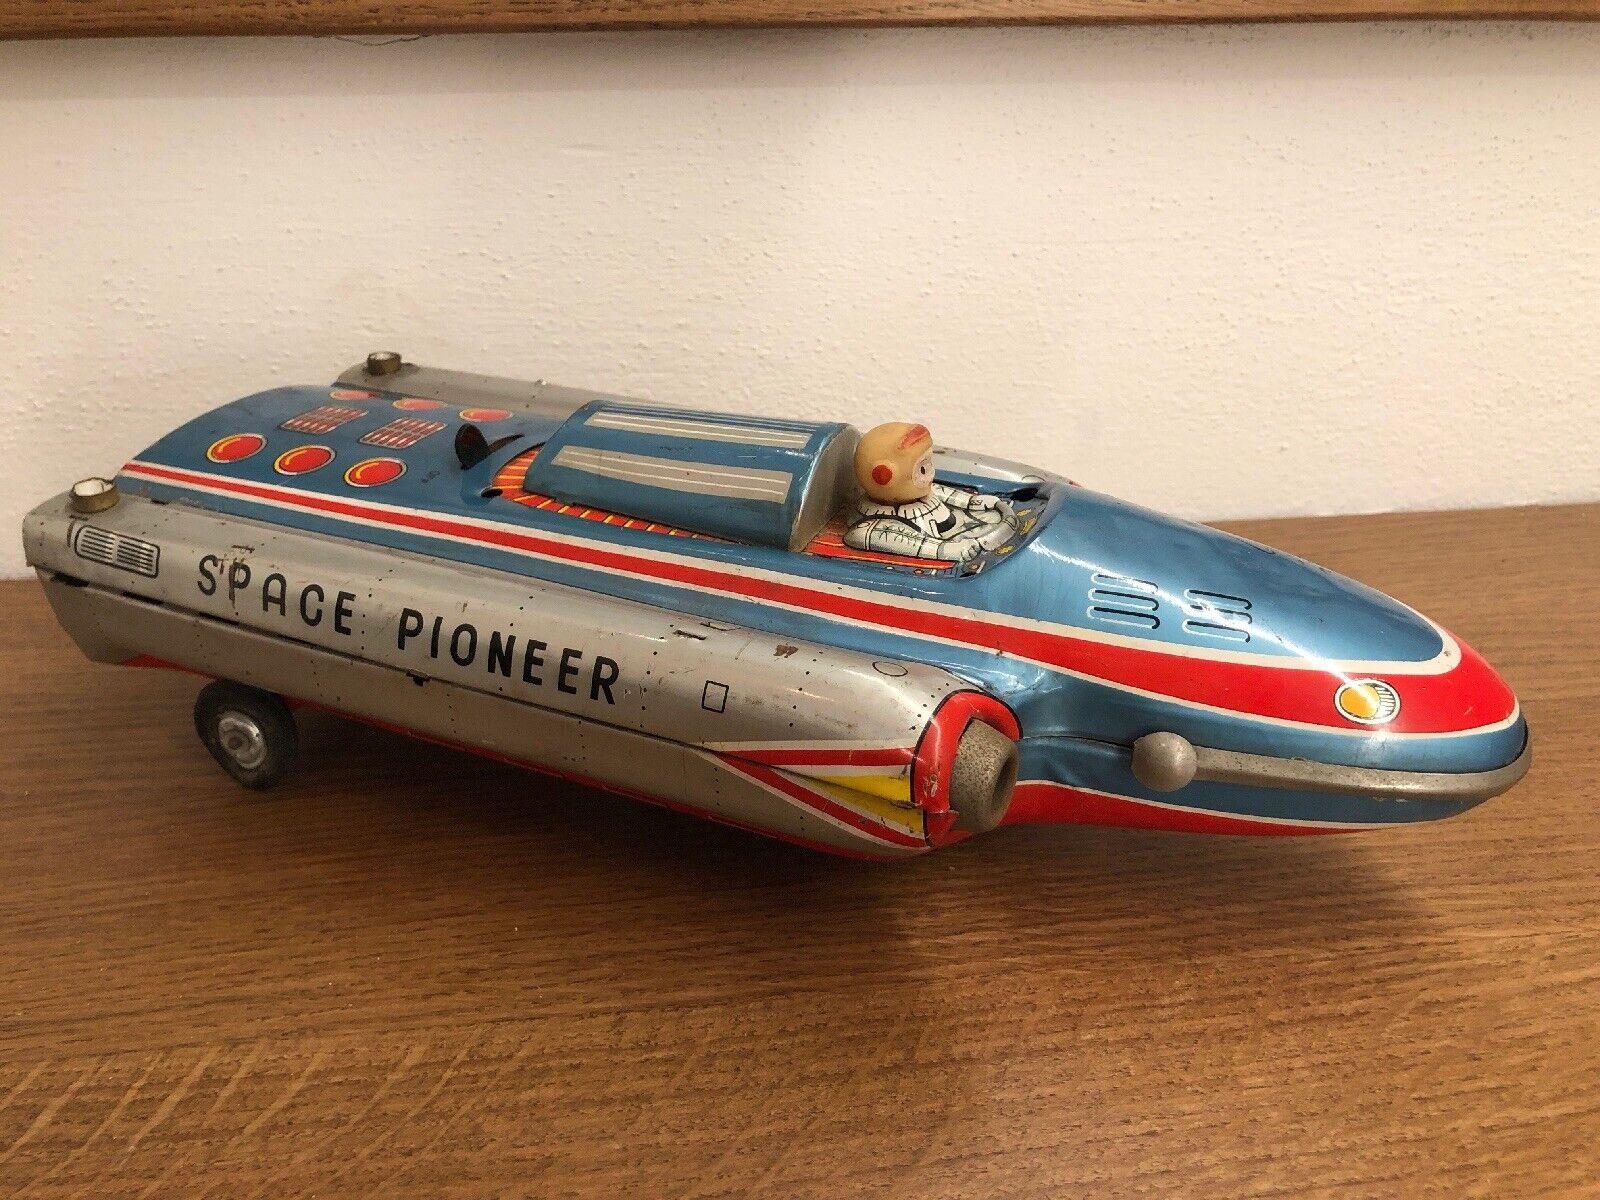 Modern Toys Japan - Space Pioneer